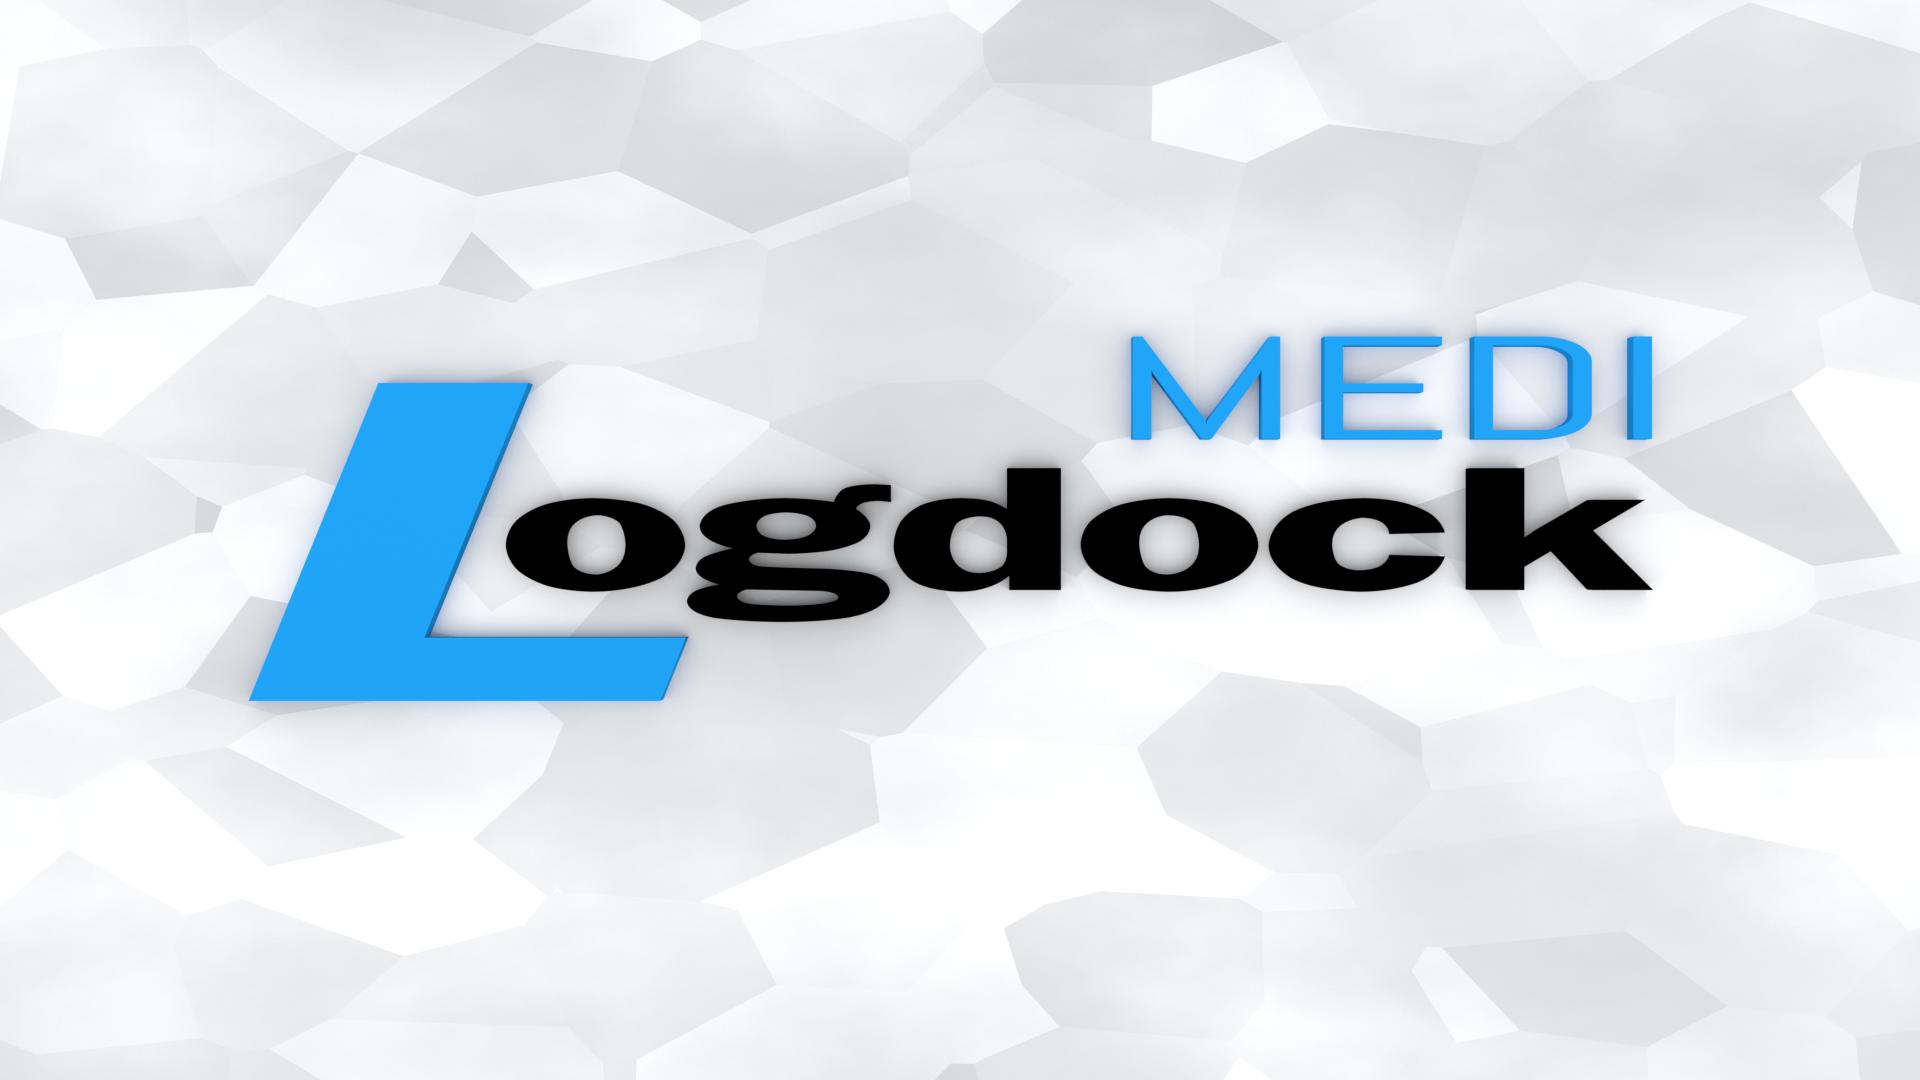 Logdock MEDI